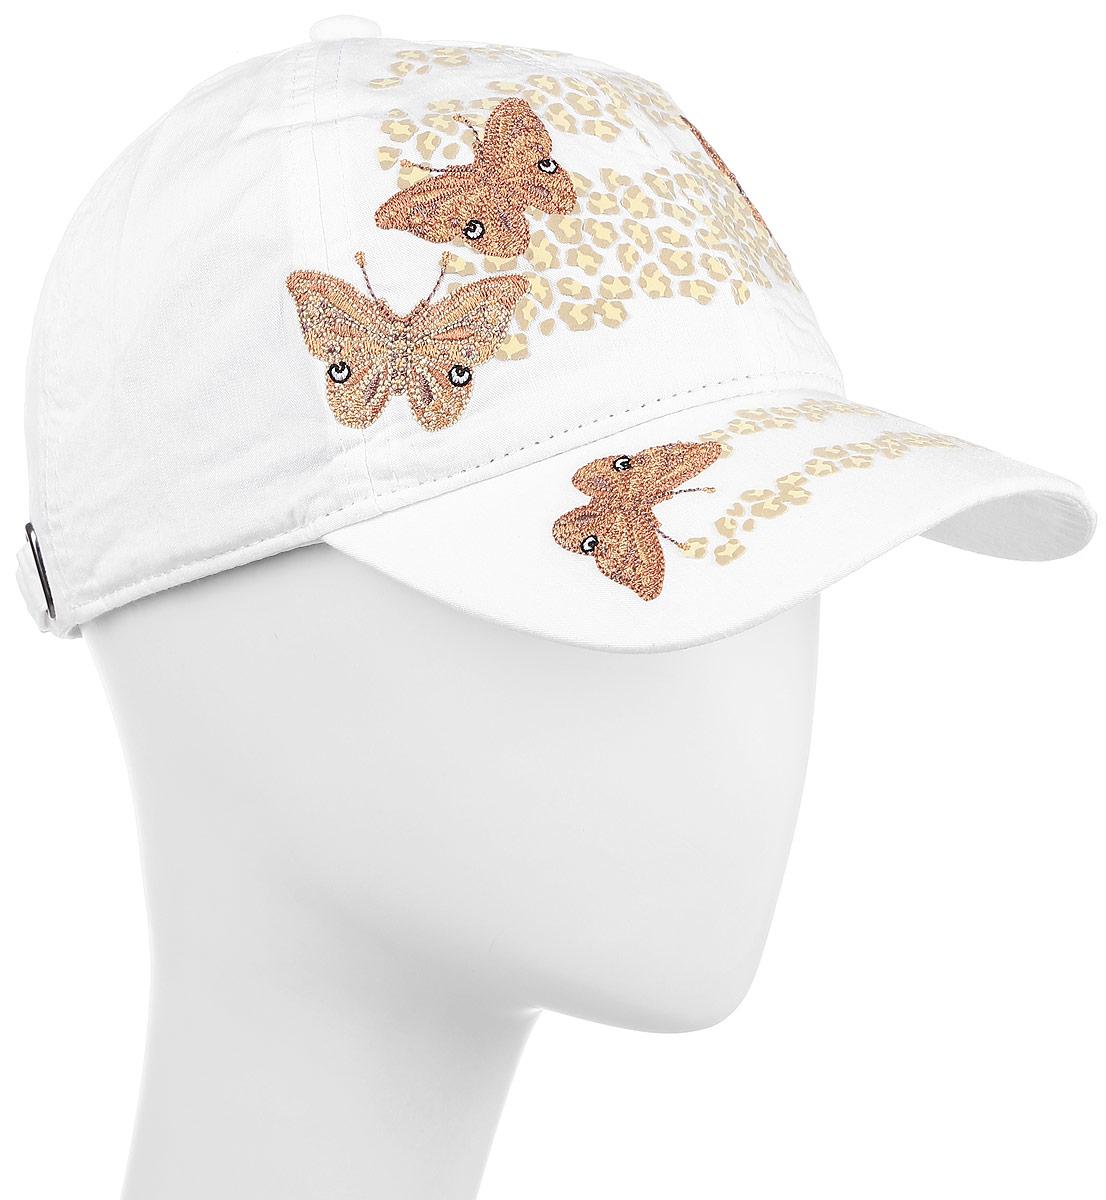 БейсболкаBW131015Дизайн этой яркой бейсболки из натурального хлопка отвечает одному из актуальных трендов моды. Бабочки в виде принтов и вышивок стали лейтмотивом многих коллекций одежды этого сезона. Универсальная модель для любого стиля одежды.